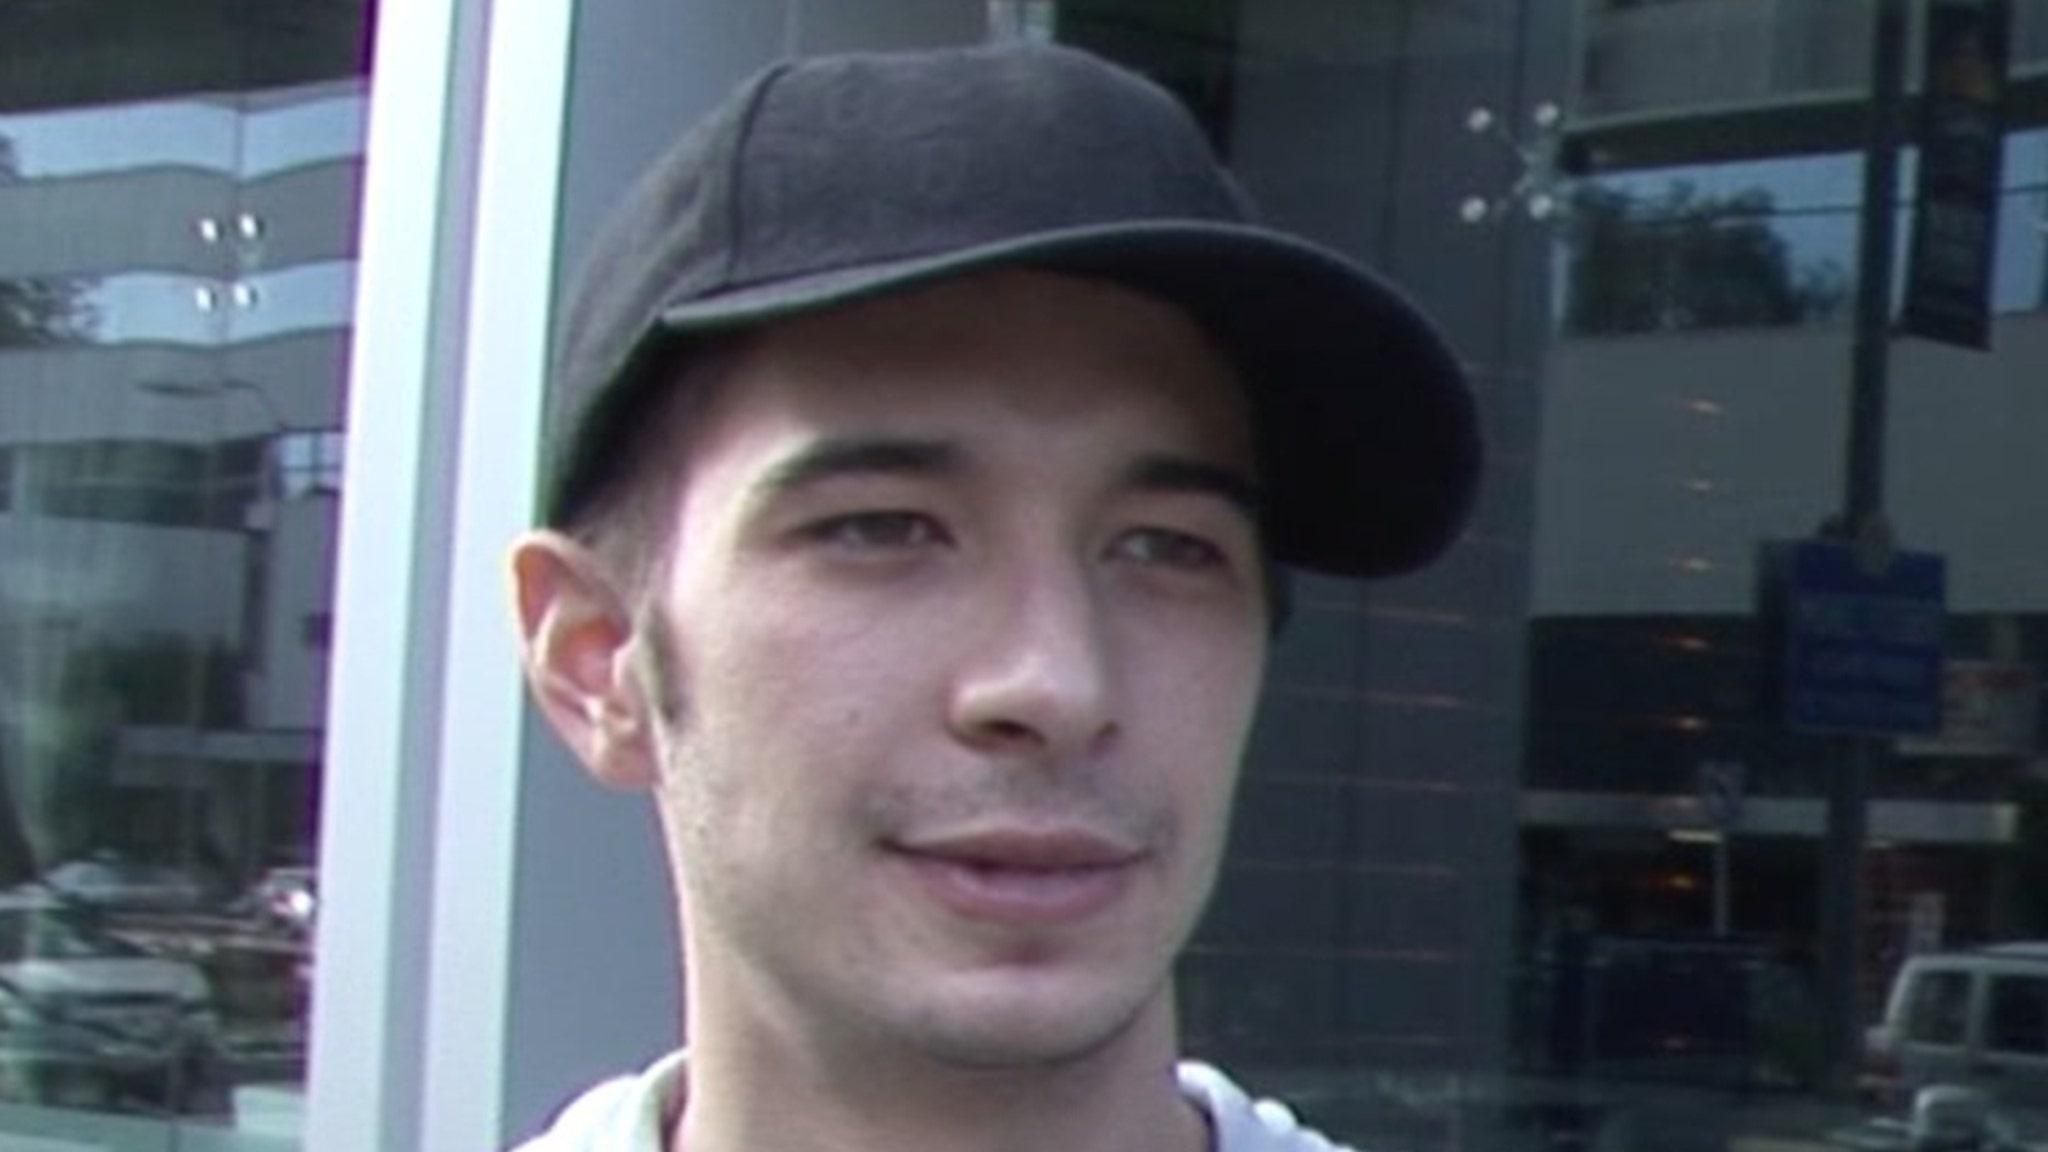 Ex-'Deadliest Catch' Star Jake Harris Gets 18 Months Behind Bars